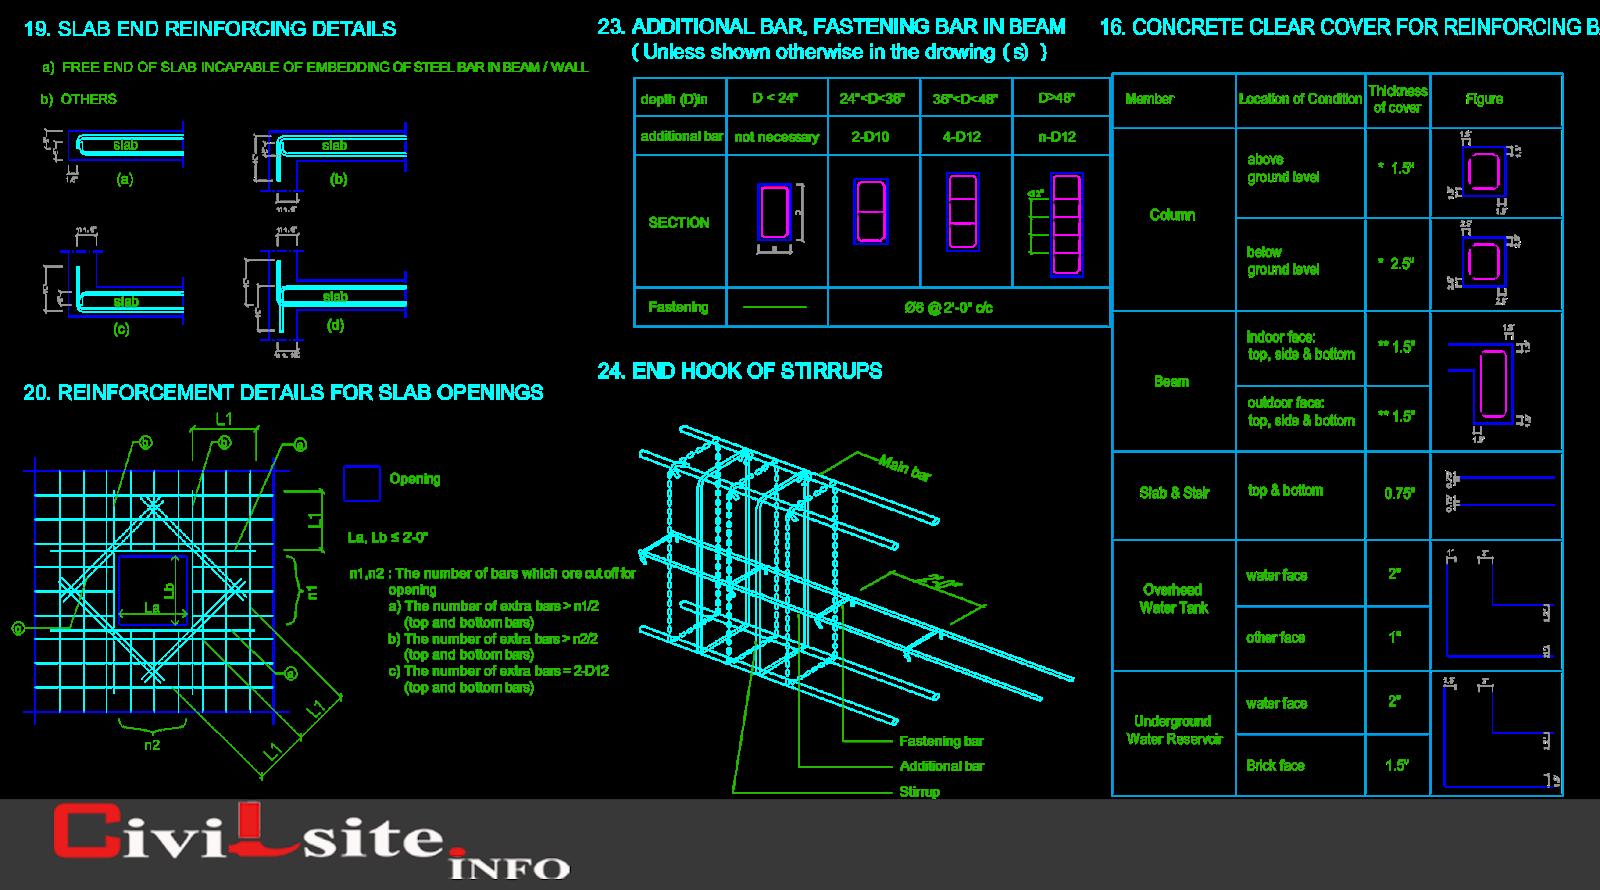 Structural Design Criteria and Minimum Requirements